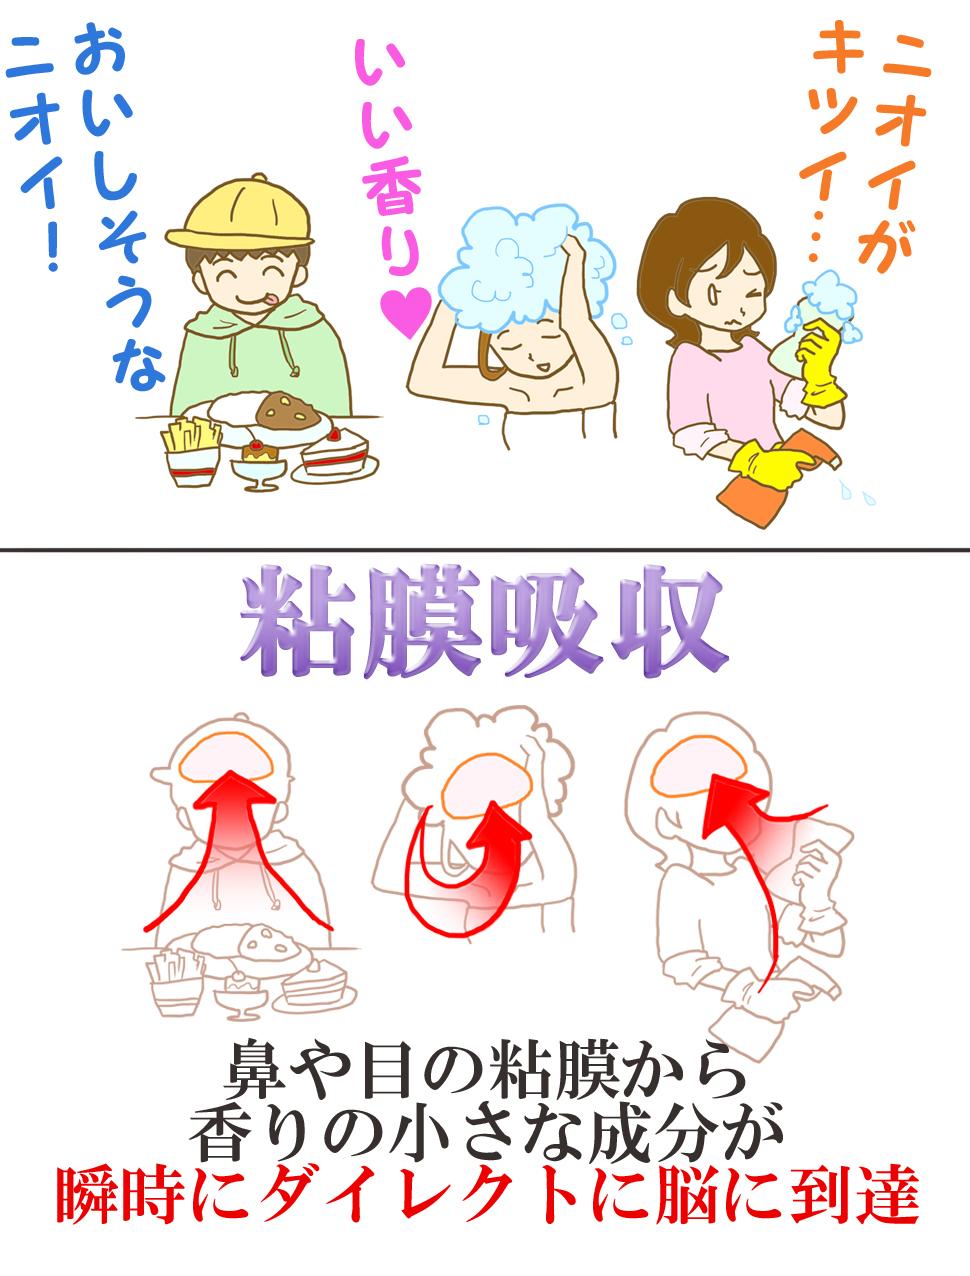 粘膜吸収 例